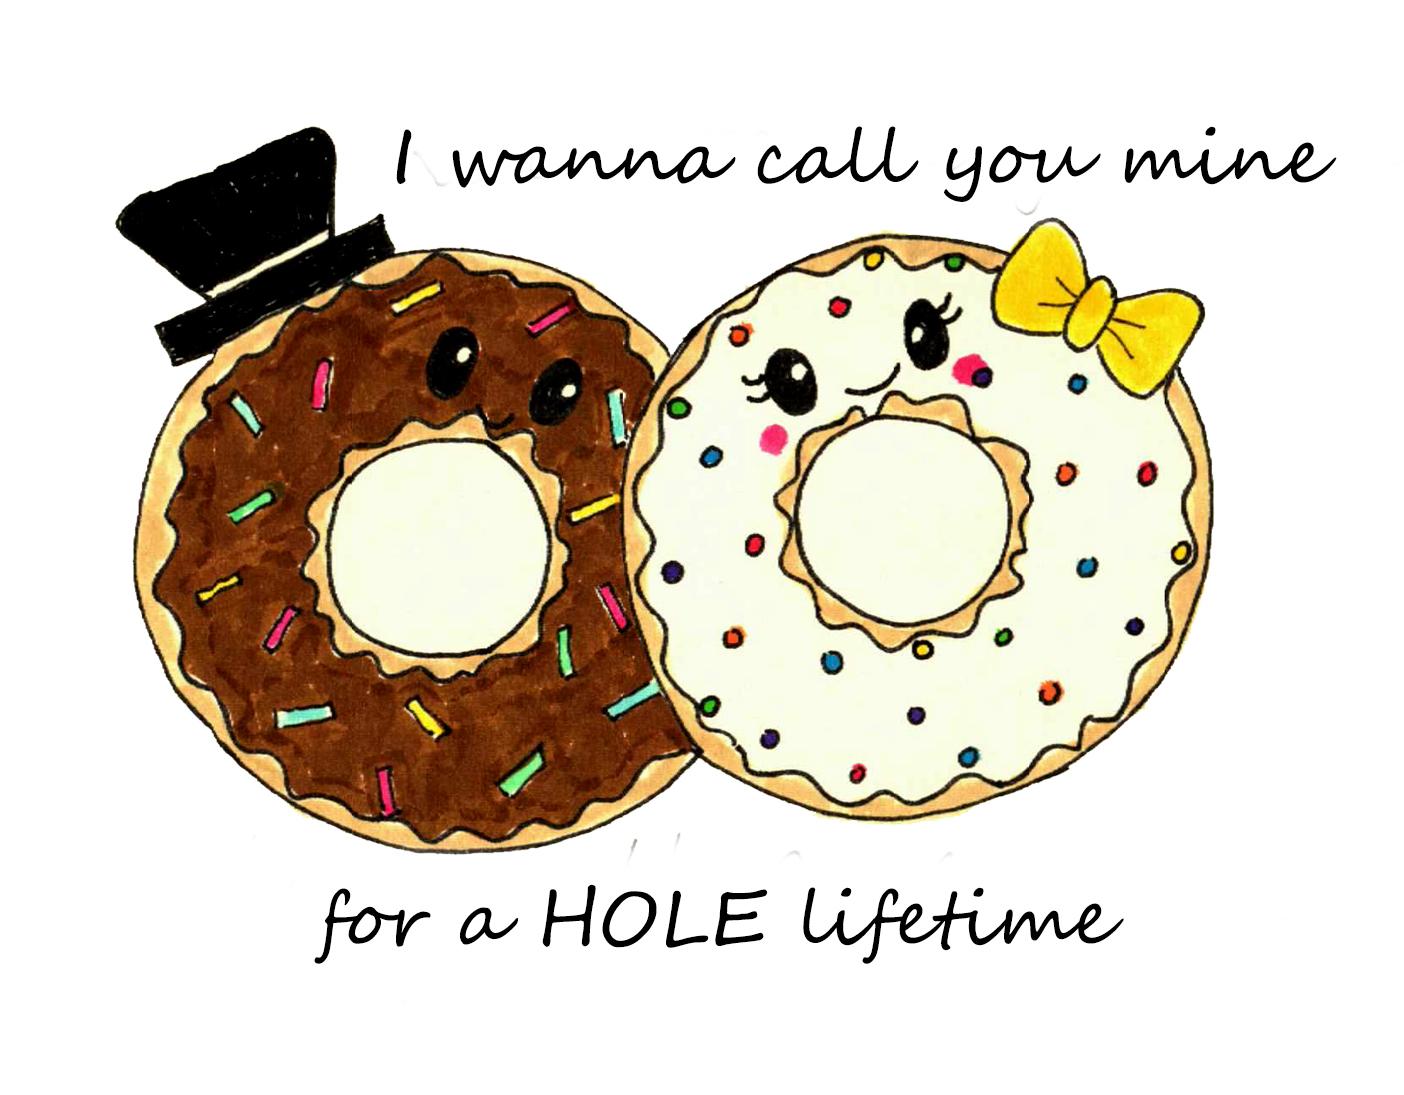 Hole Lifetime